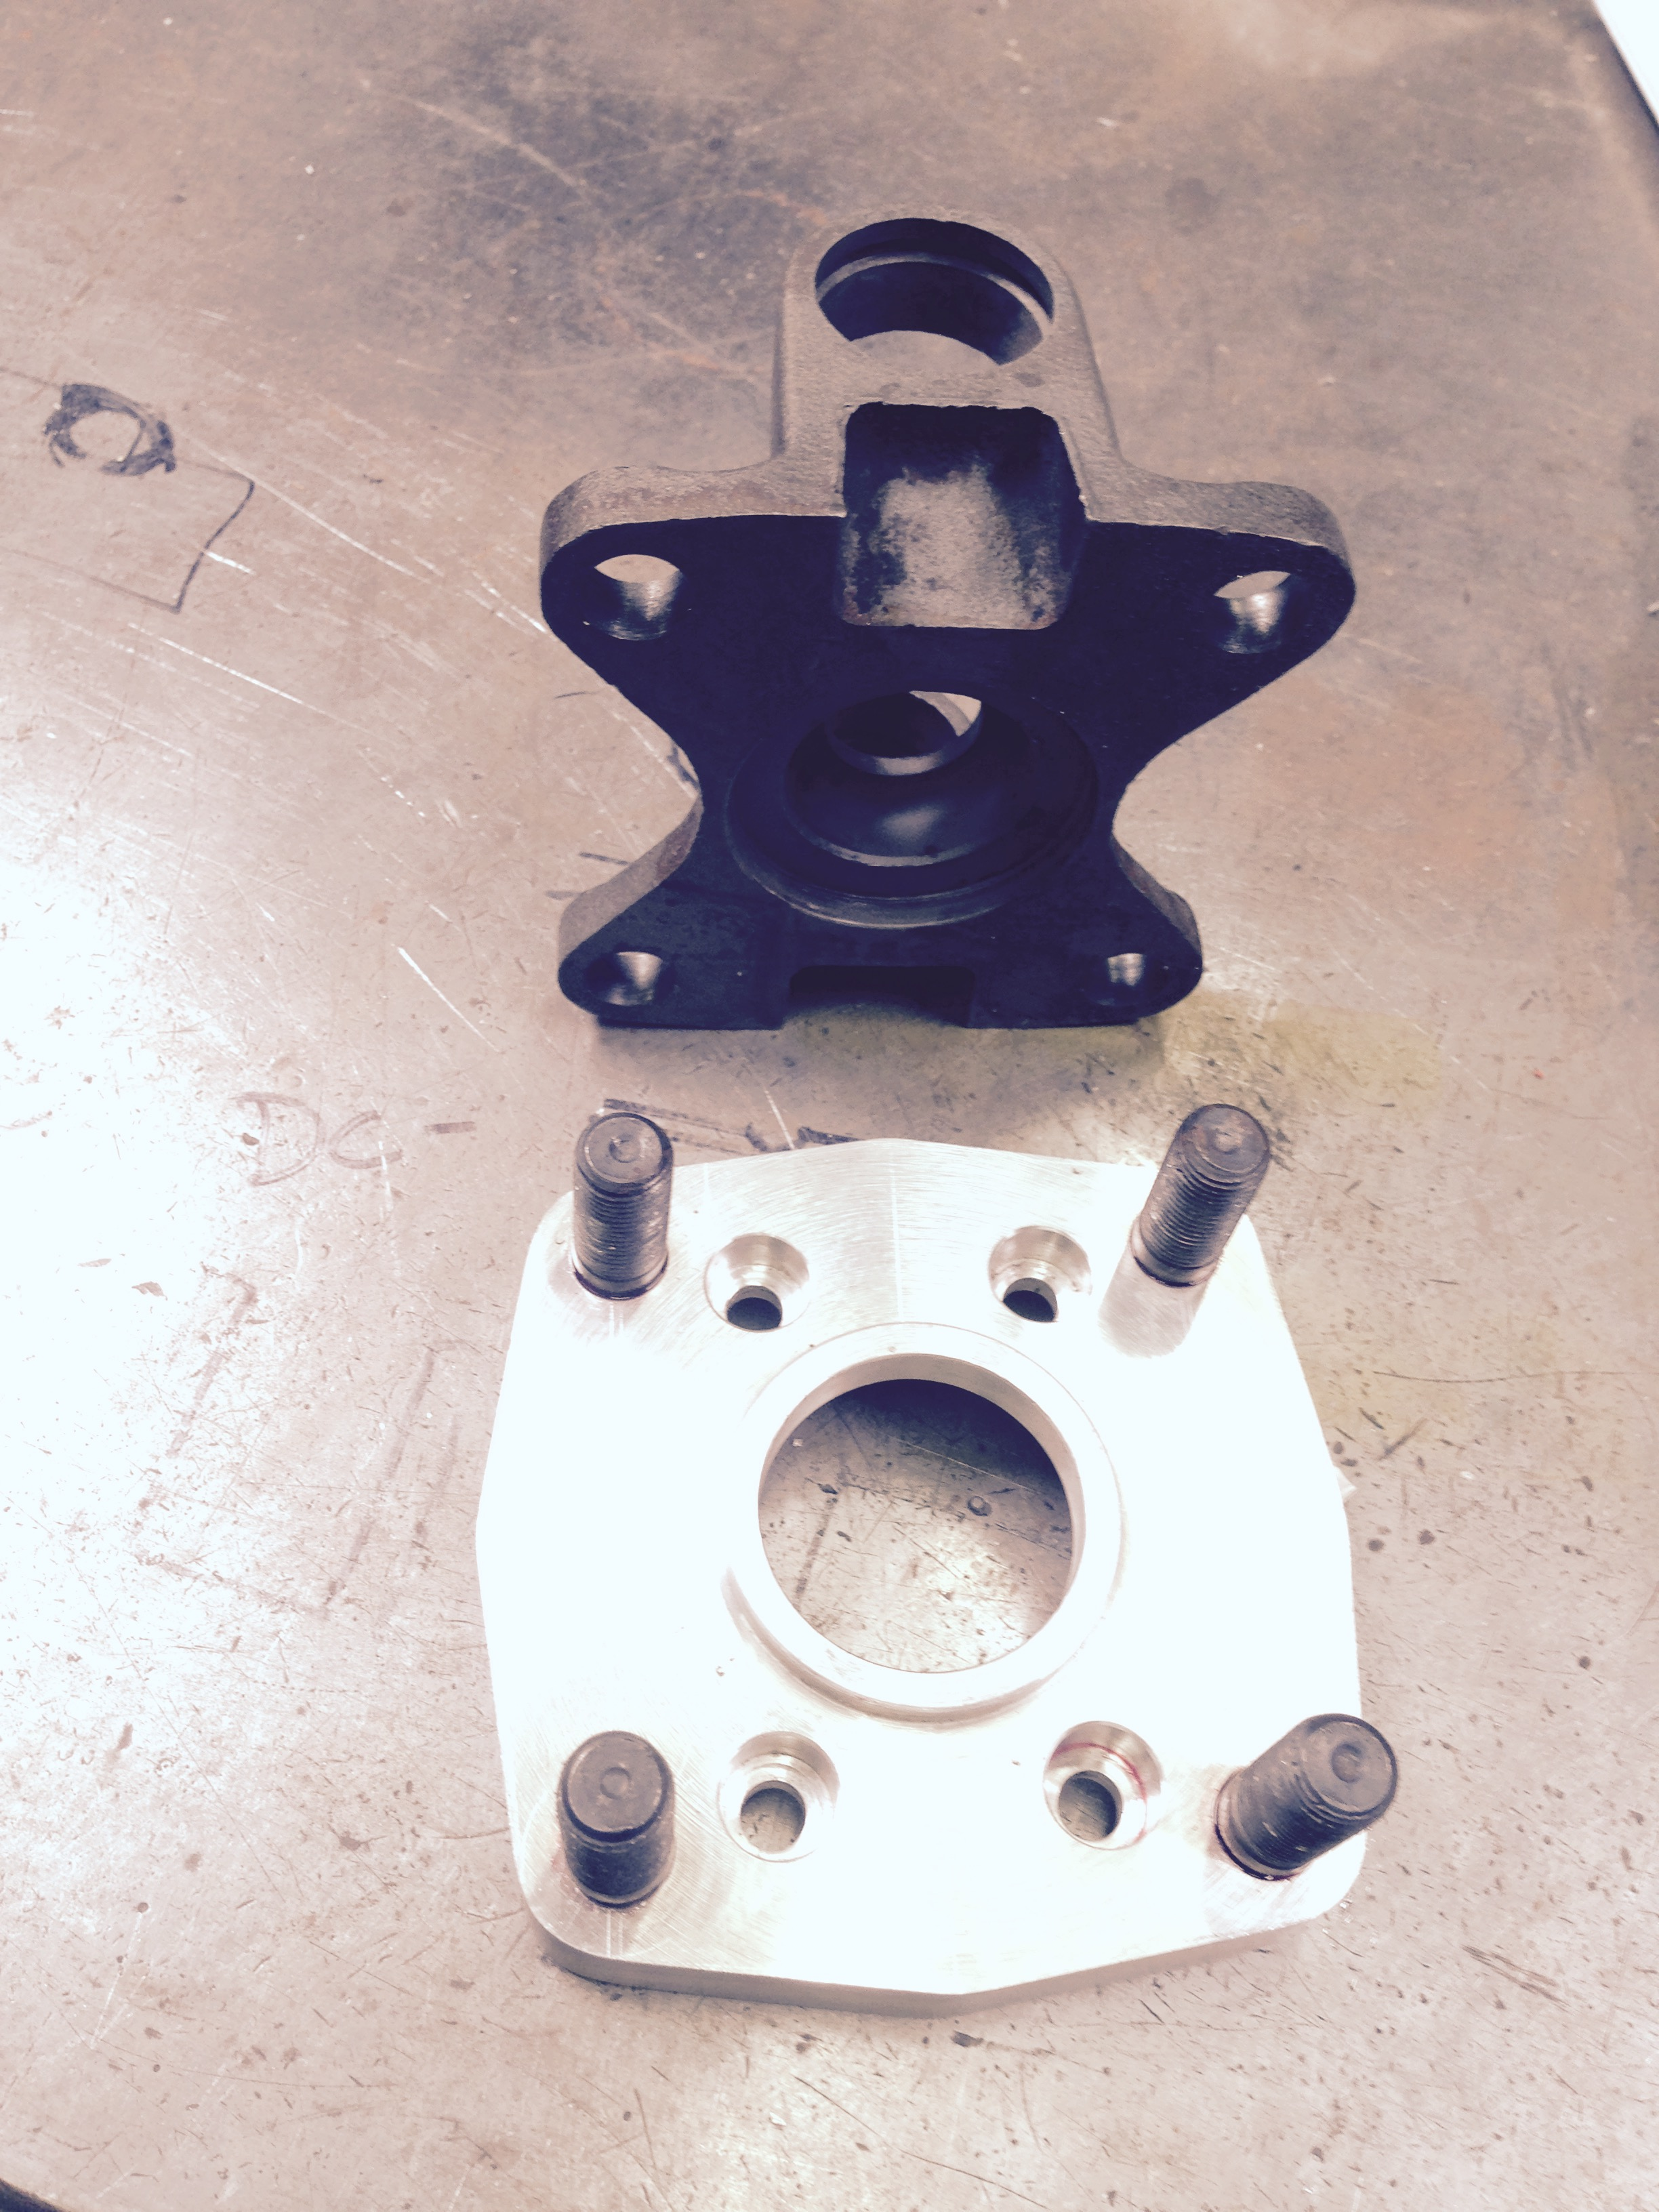 custom suspension part